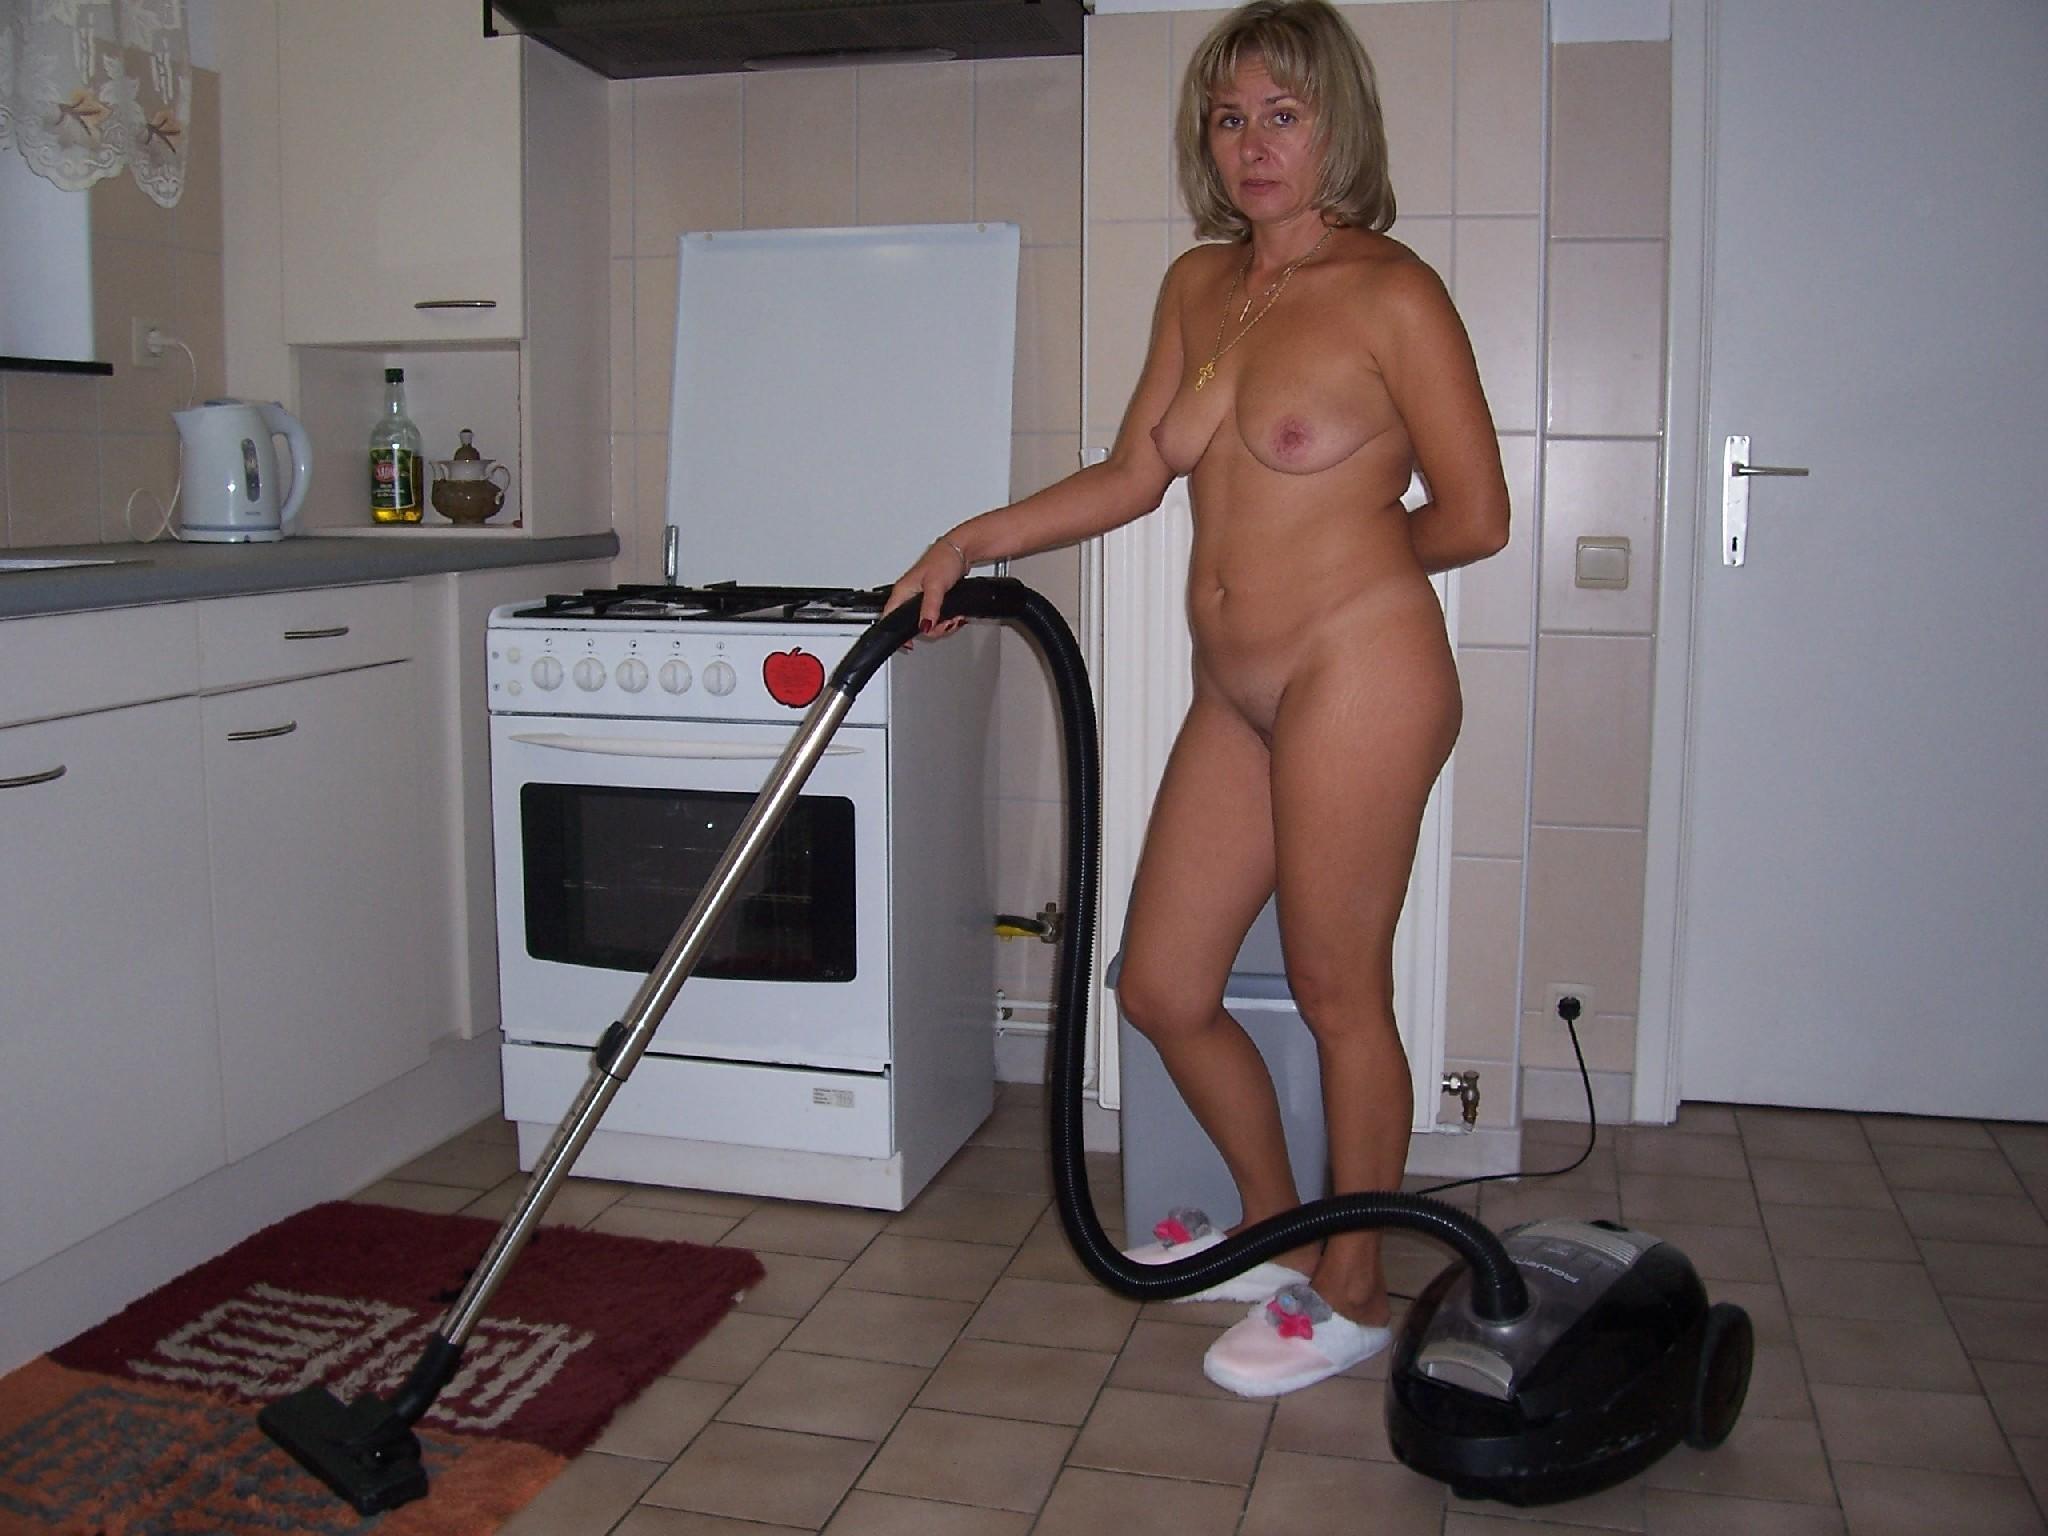 Фото голых домохозяек частное, Частные порно фото - Отчаянные домохозяйки 12 фотография